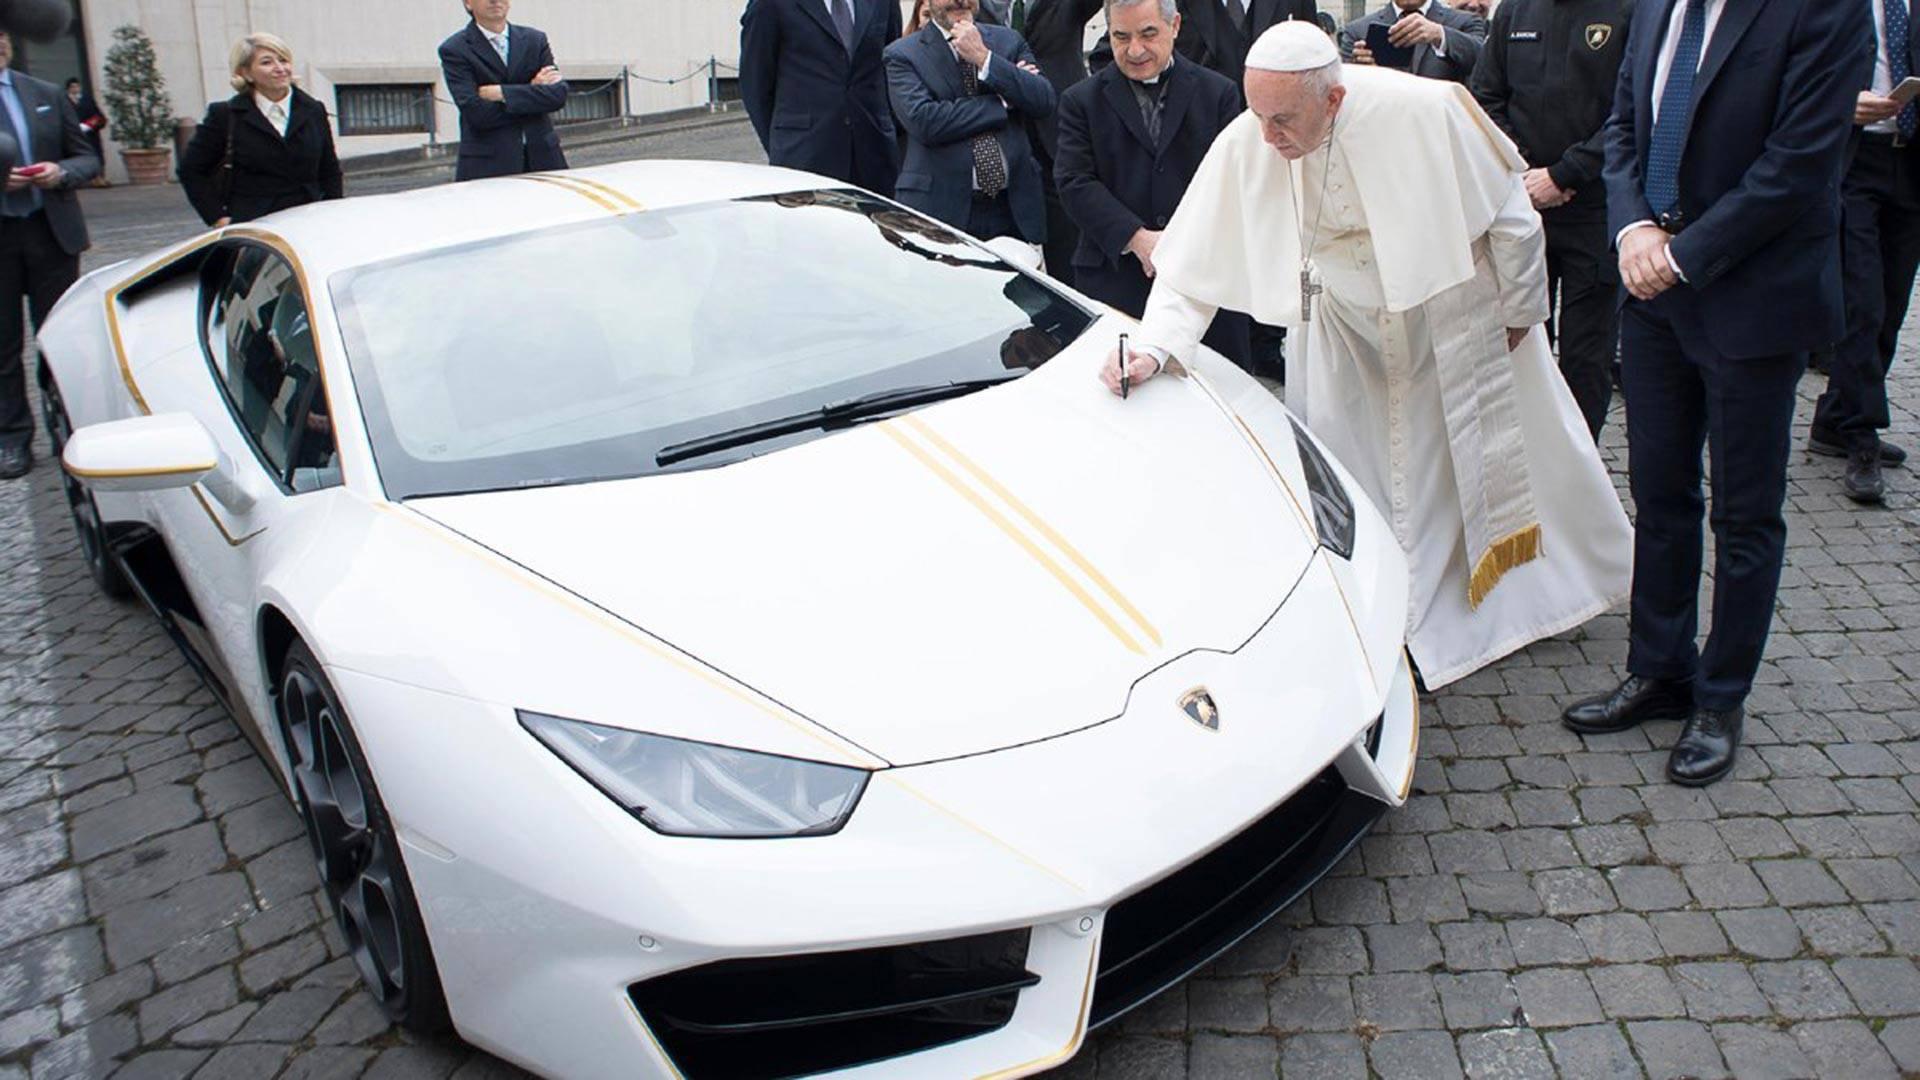 Папа Римский продал свой суперкар с автографом